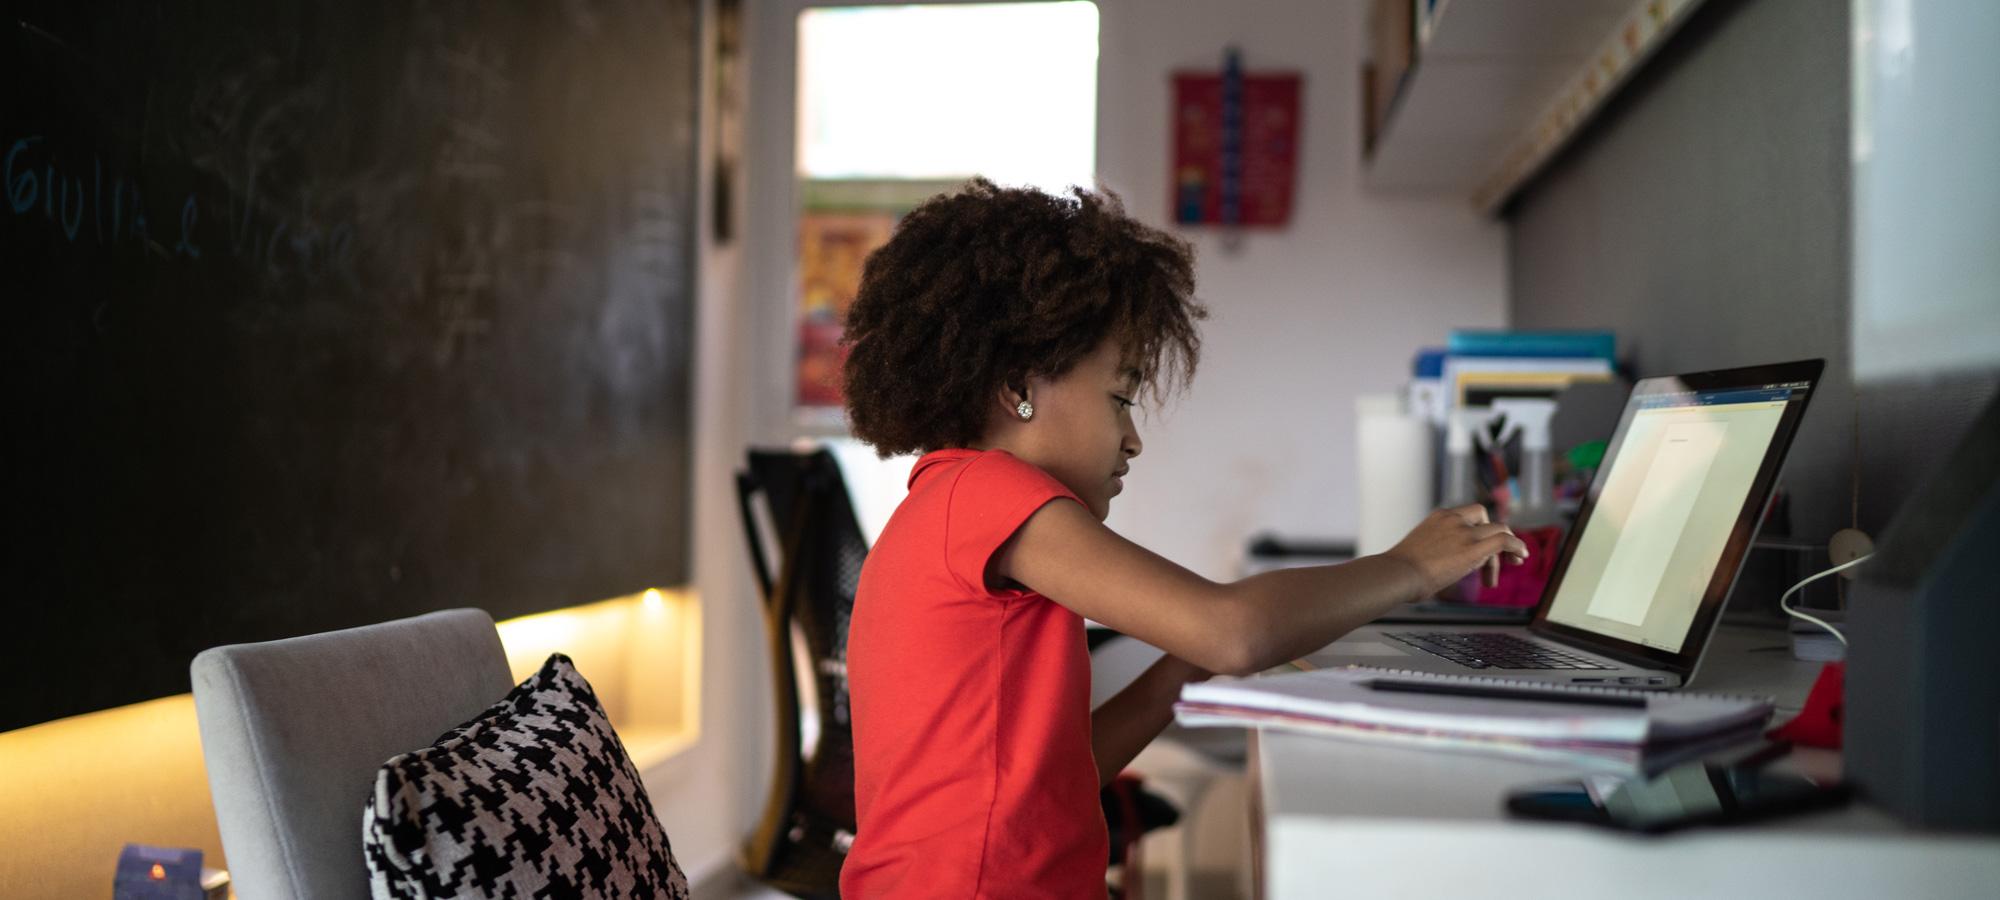 photo - Elementary Girl Studying on Laptop